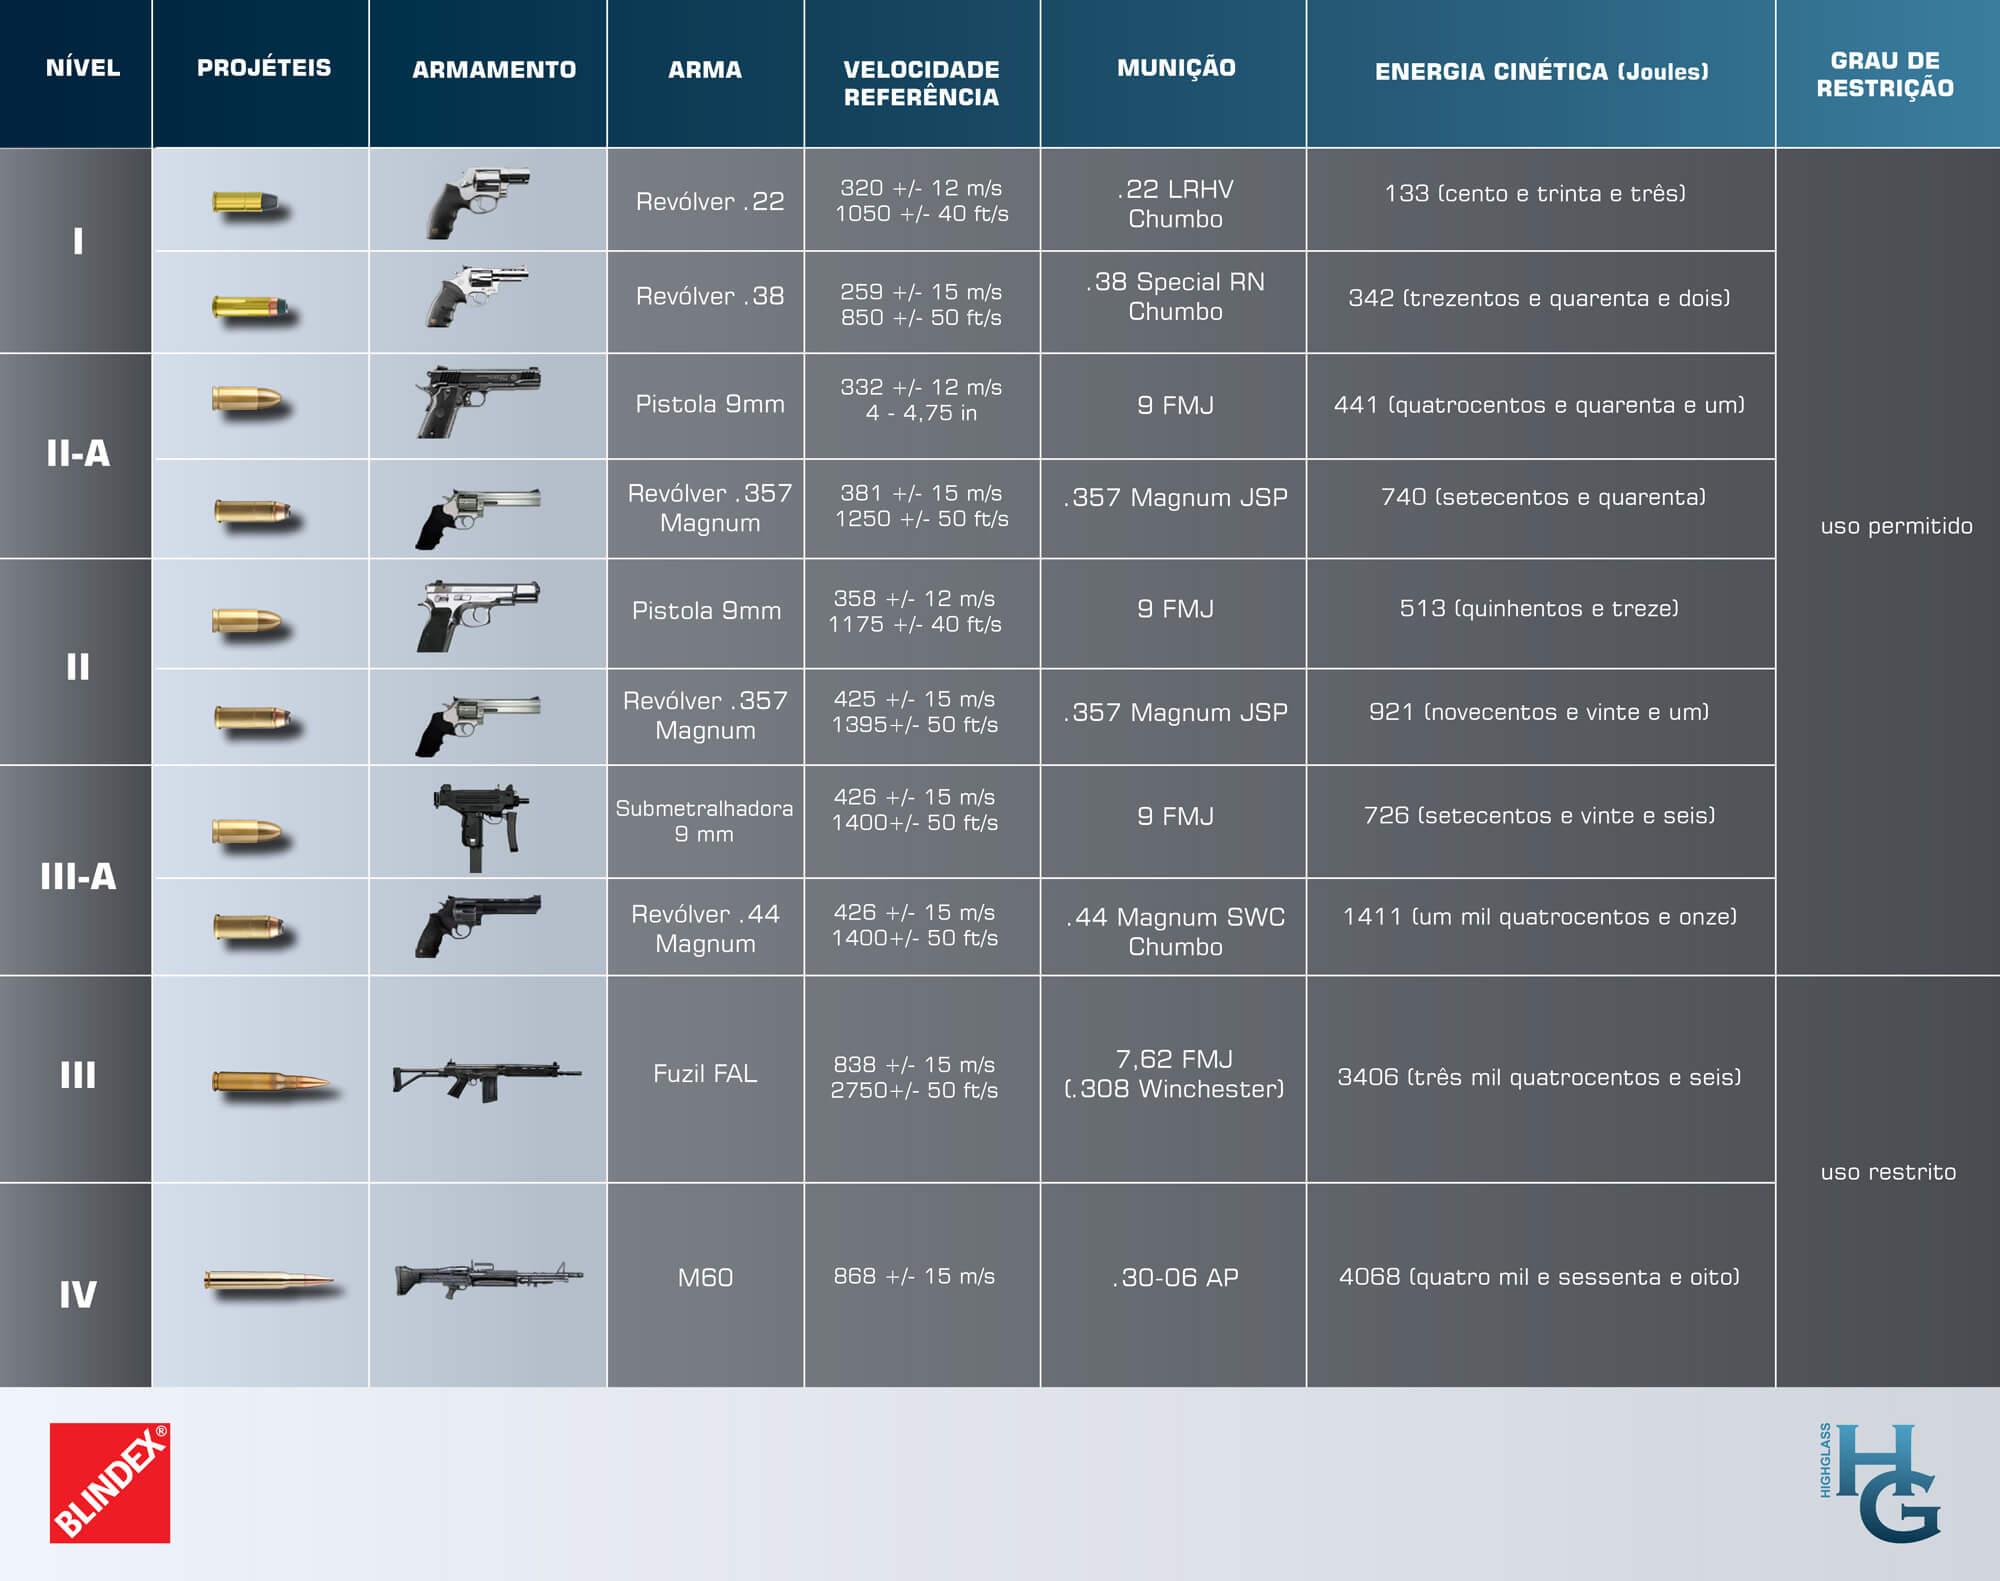 ficha_tecnica_armamento-2 Tabela Balística